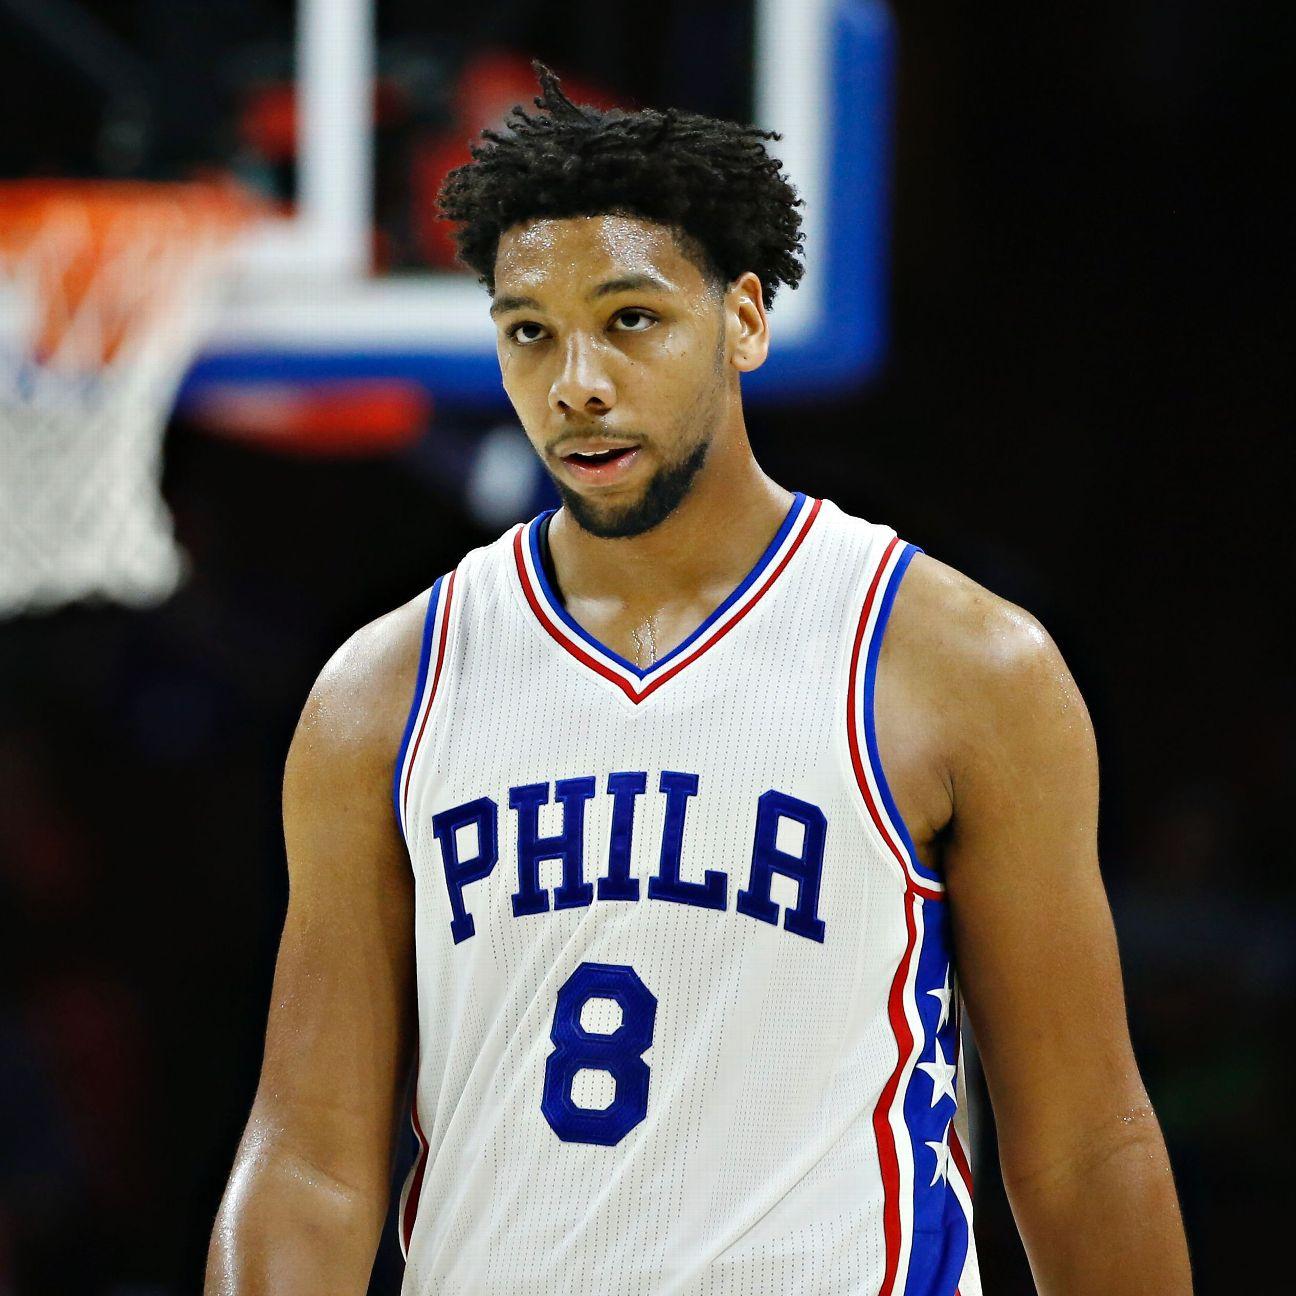 Philadelphia 76ers Rookie Jahlil Okafor Had Gun Pointed At